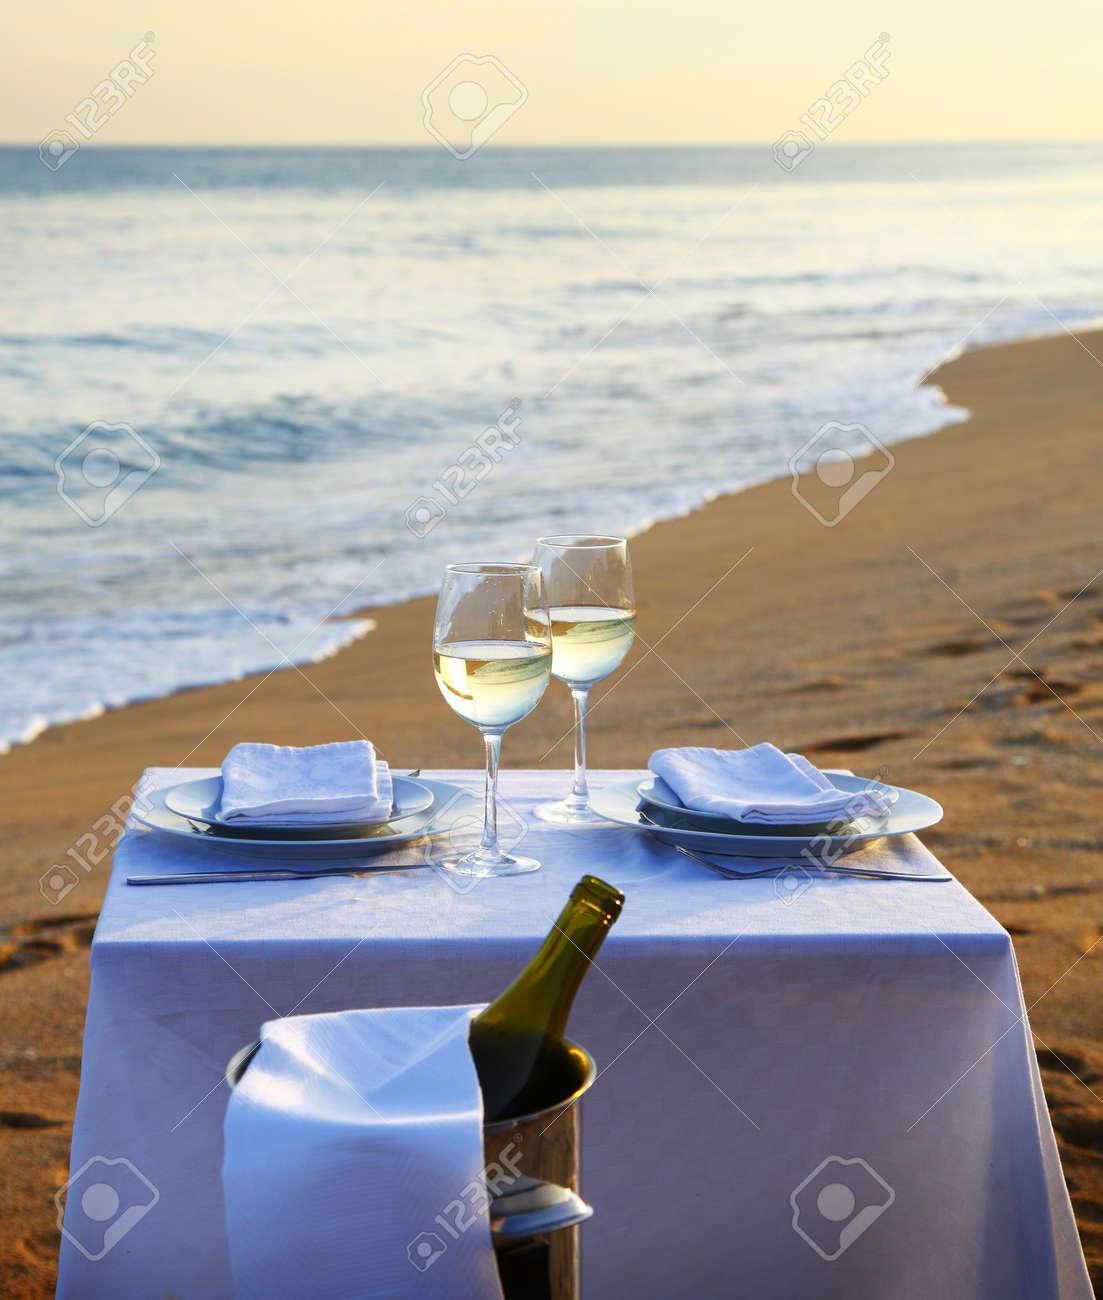 A restaurant table on a beach - 17333786